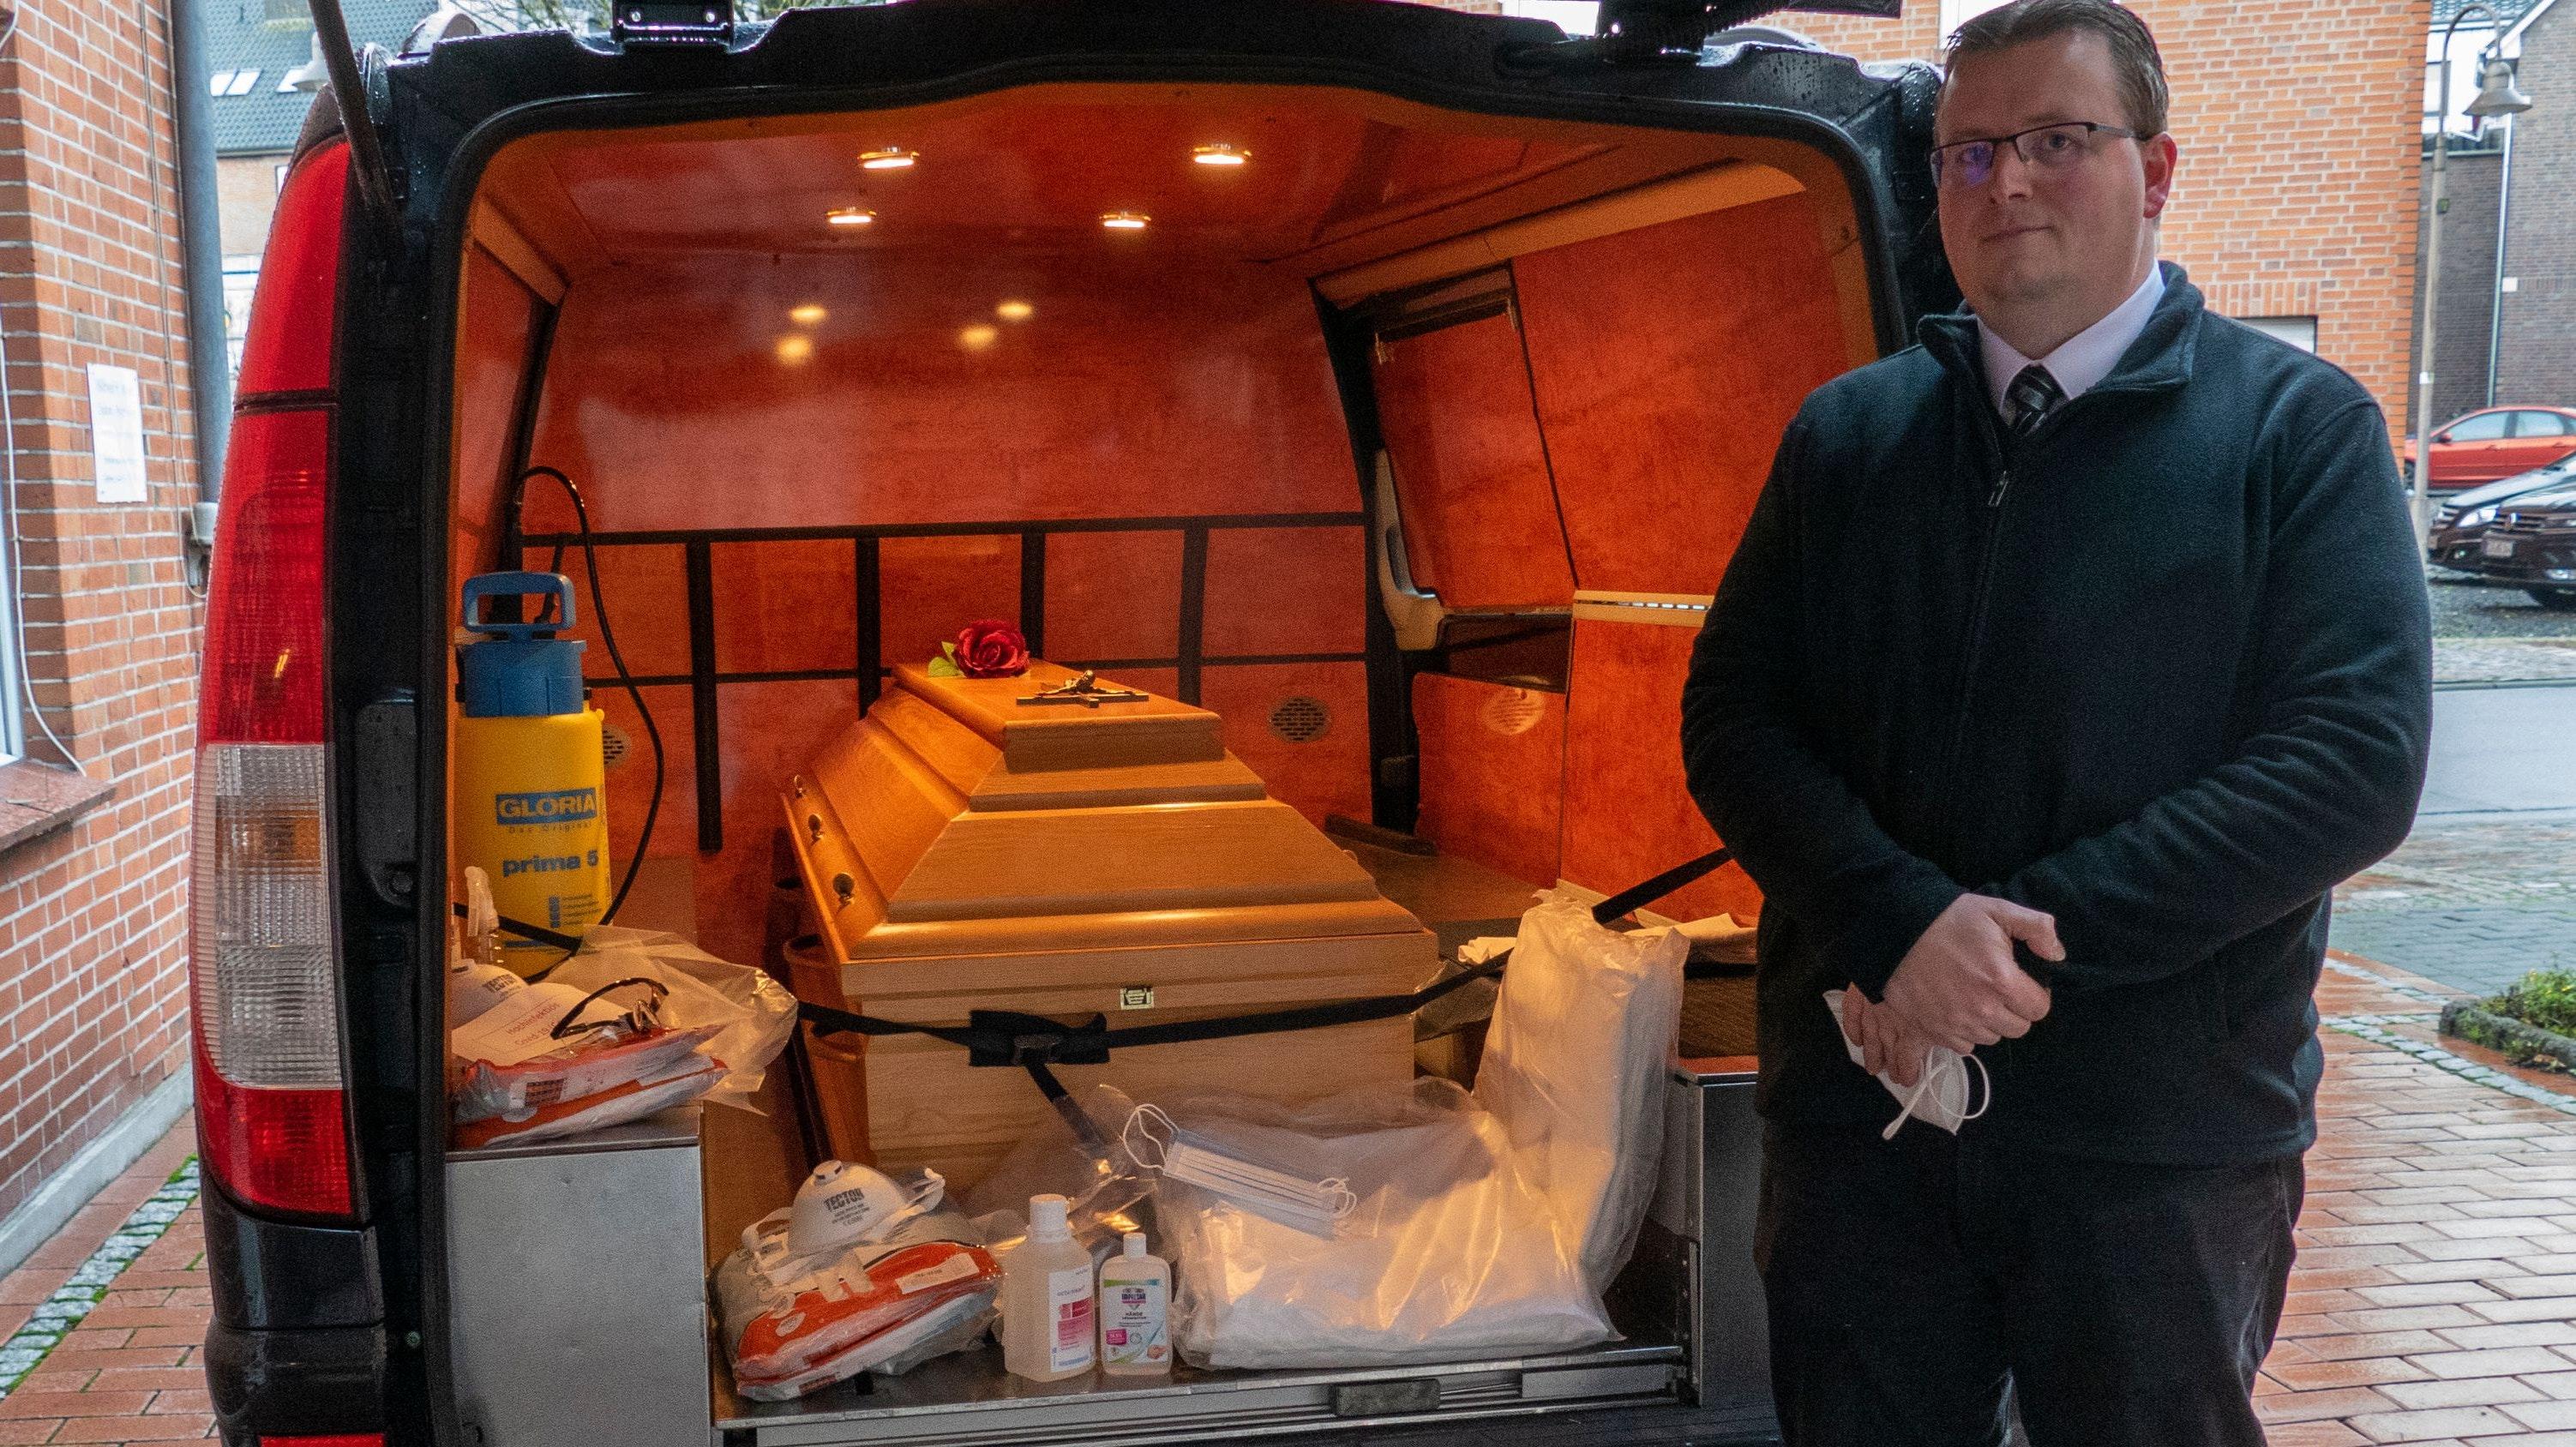 Vorbereitung: Wenn Martin Mucker den Leichnam eines an Covid-19 verstorbenen Menschen holt, muss er neben seiner Schutzausrüstung auch den endgültigen Sarg mitnehmen. Die Umbettung aus einem Transportsarg ist nicht gestattet. Fotos: Stix